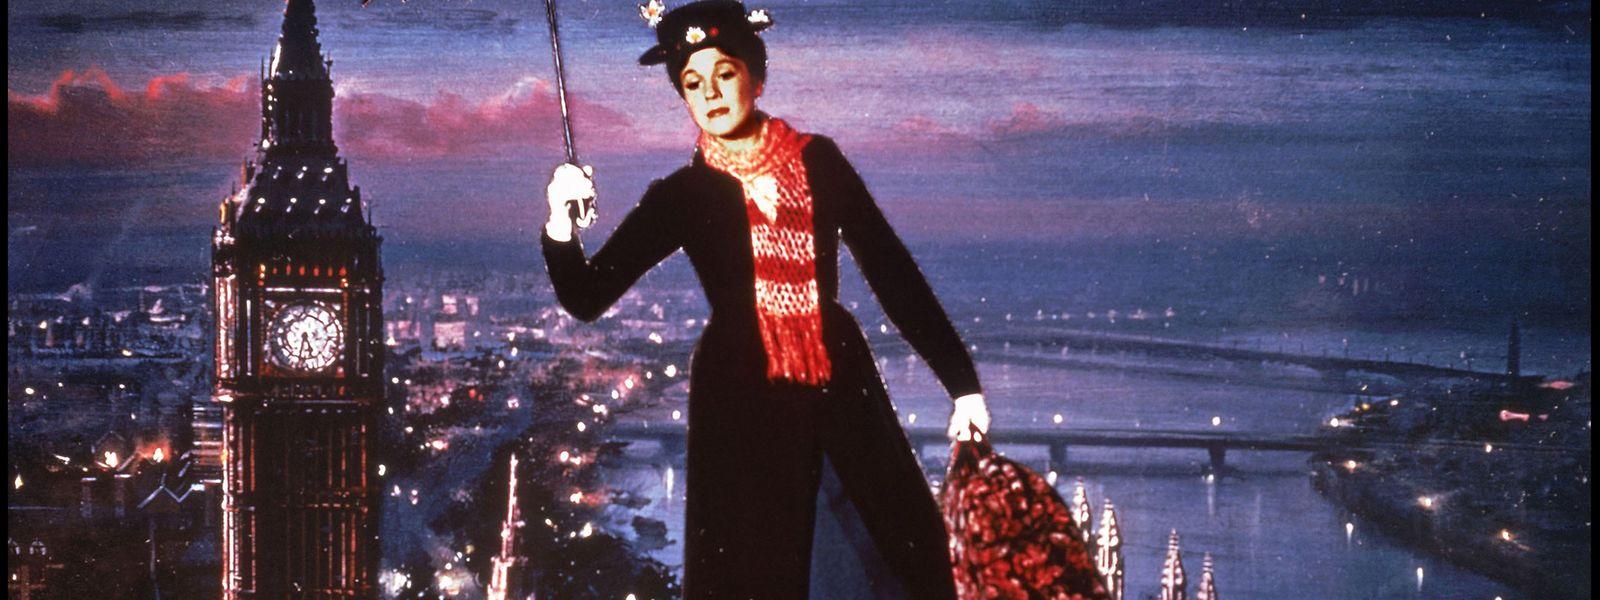 «Mary Poppins», le coup de coeur de Claude Bertemes, est au programme le 3 août sur le parvis du Palais.